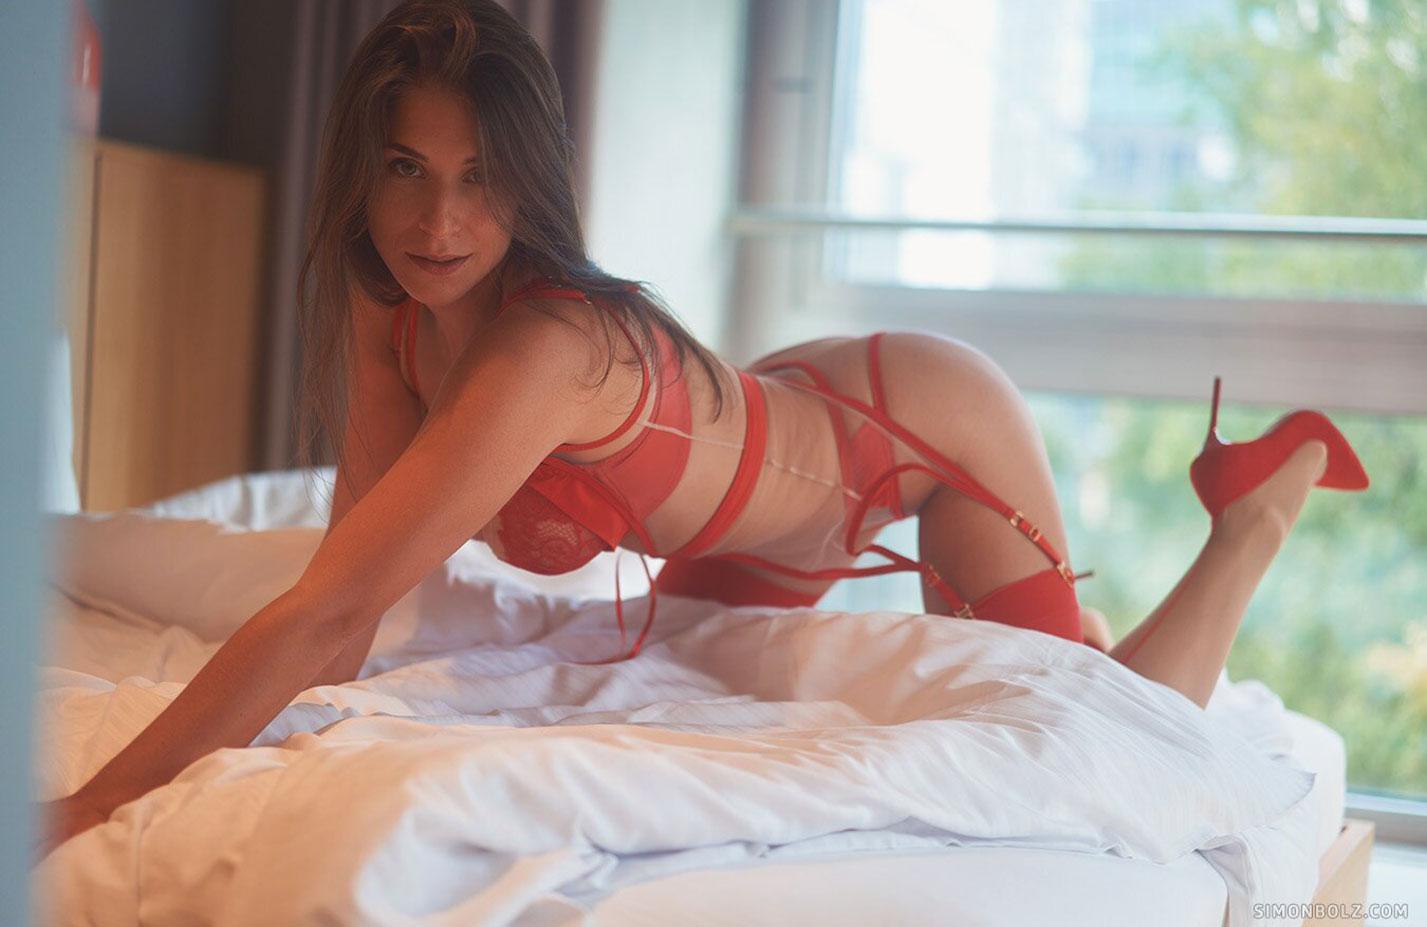 Сильвия в красном кружевном нижнем белье / фото 04